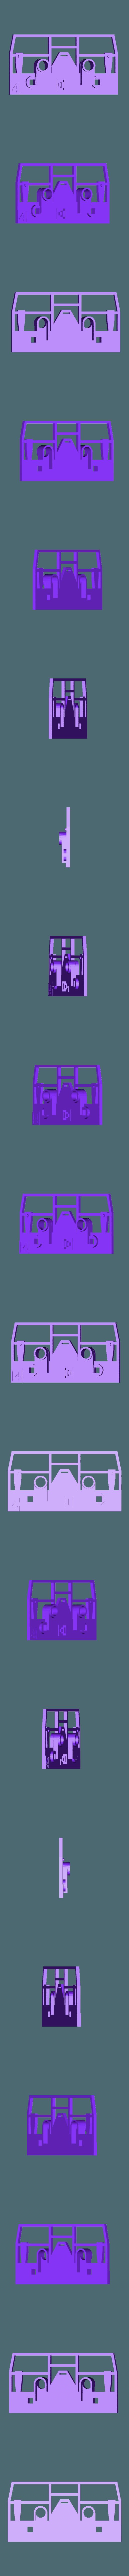 brunotrain.stl Télécharger fichier STL gratuit train • Objet imprimable en 3D, Pachypodium